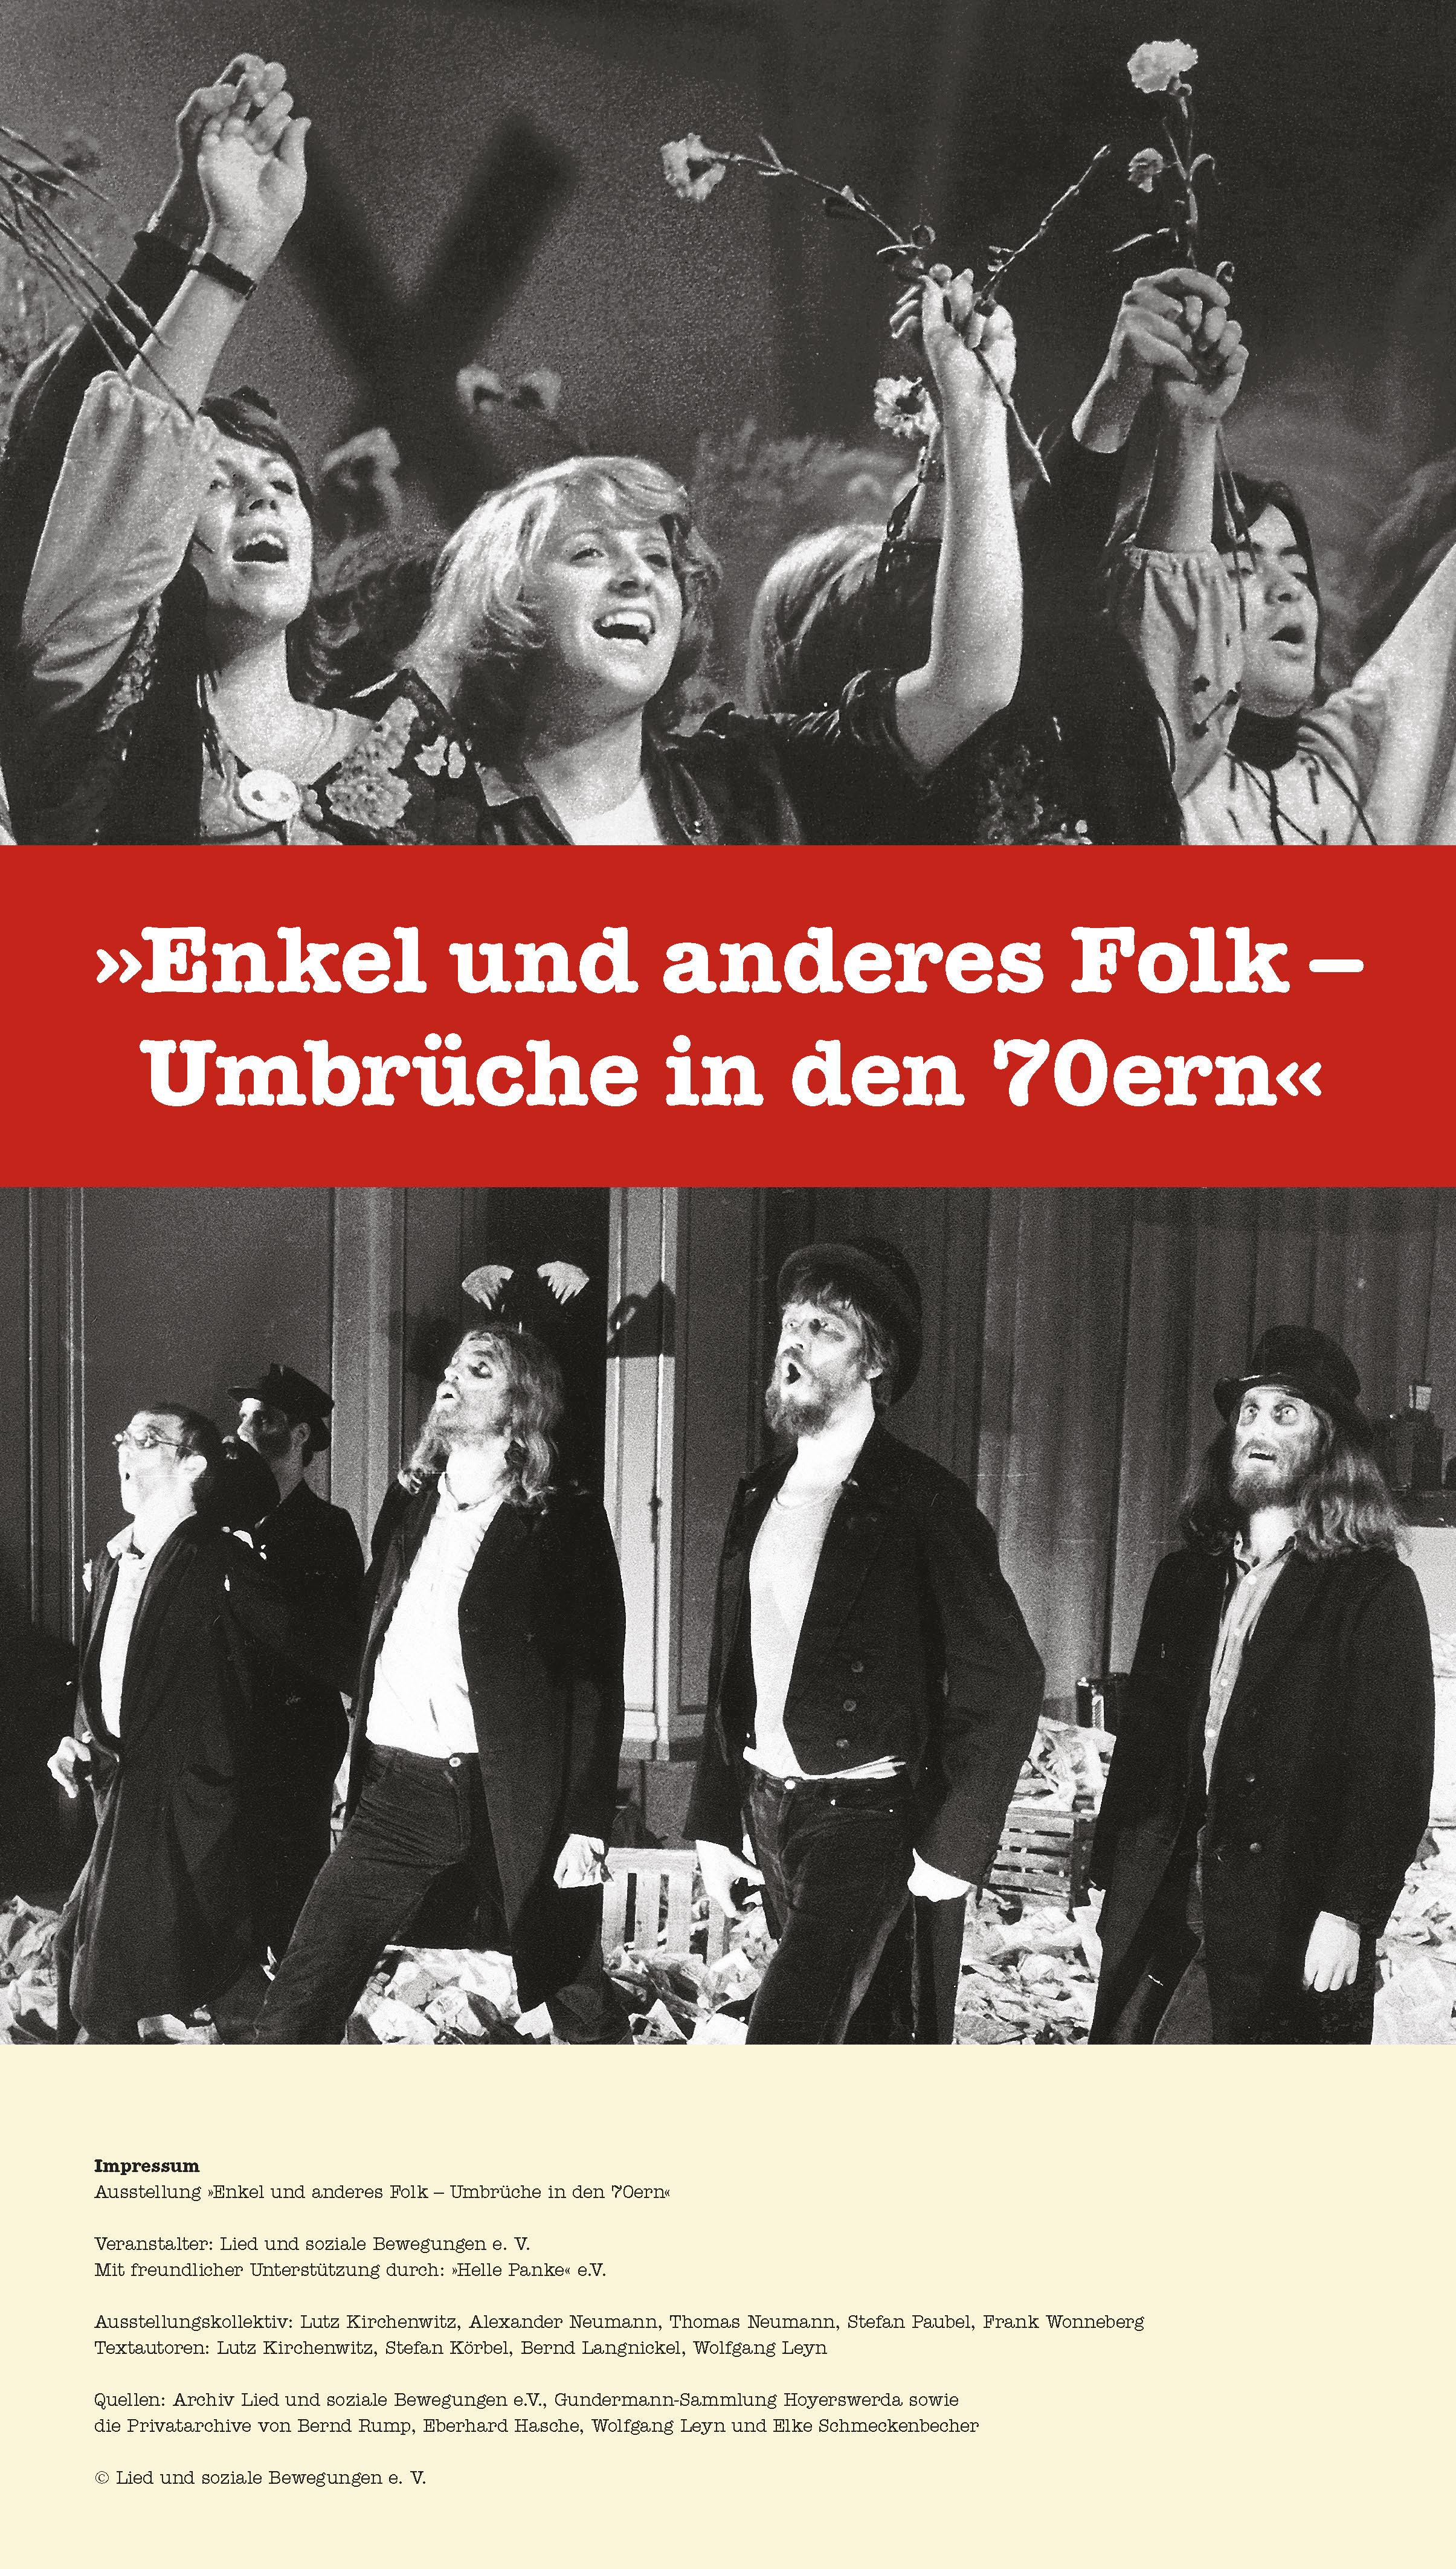 Poster for the exhibition Enkel und anderes Folk - Umbrüche in den 70ern